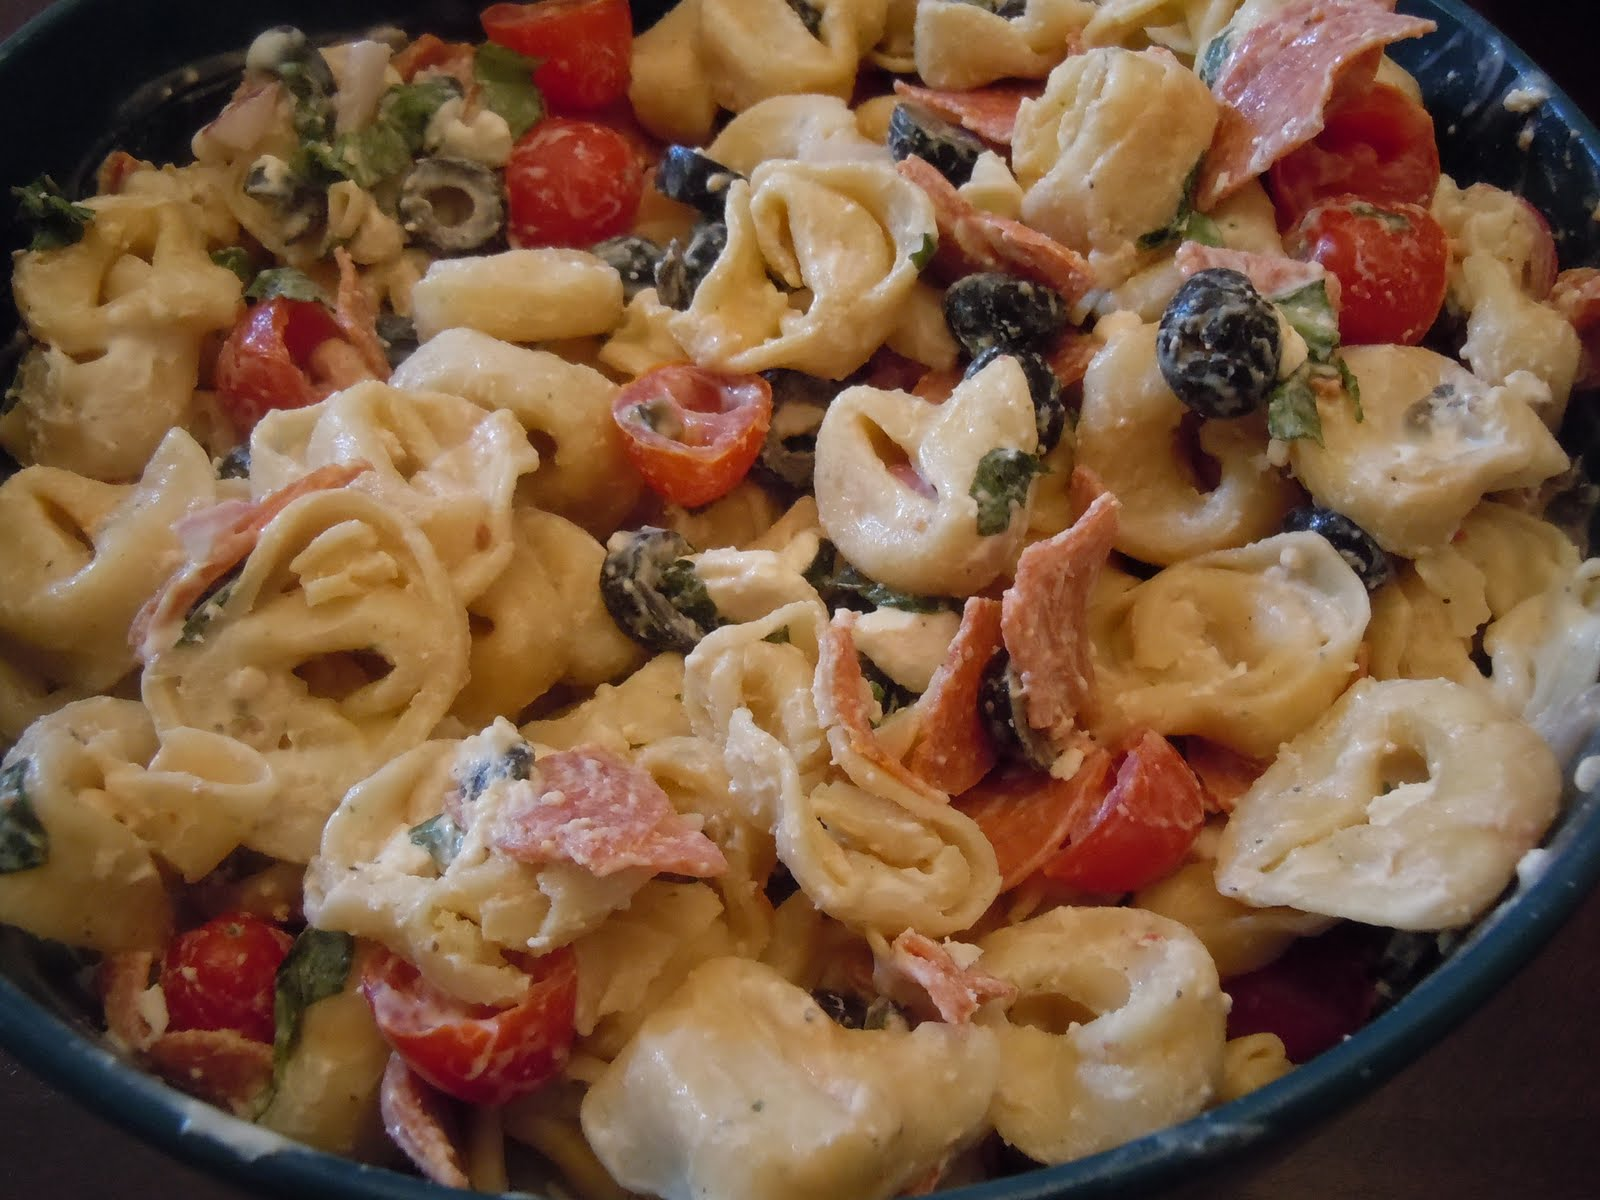 The Savvy Kitchen: Tortellini Pasta Salad